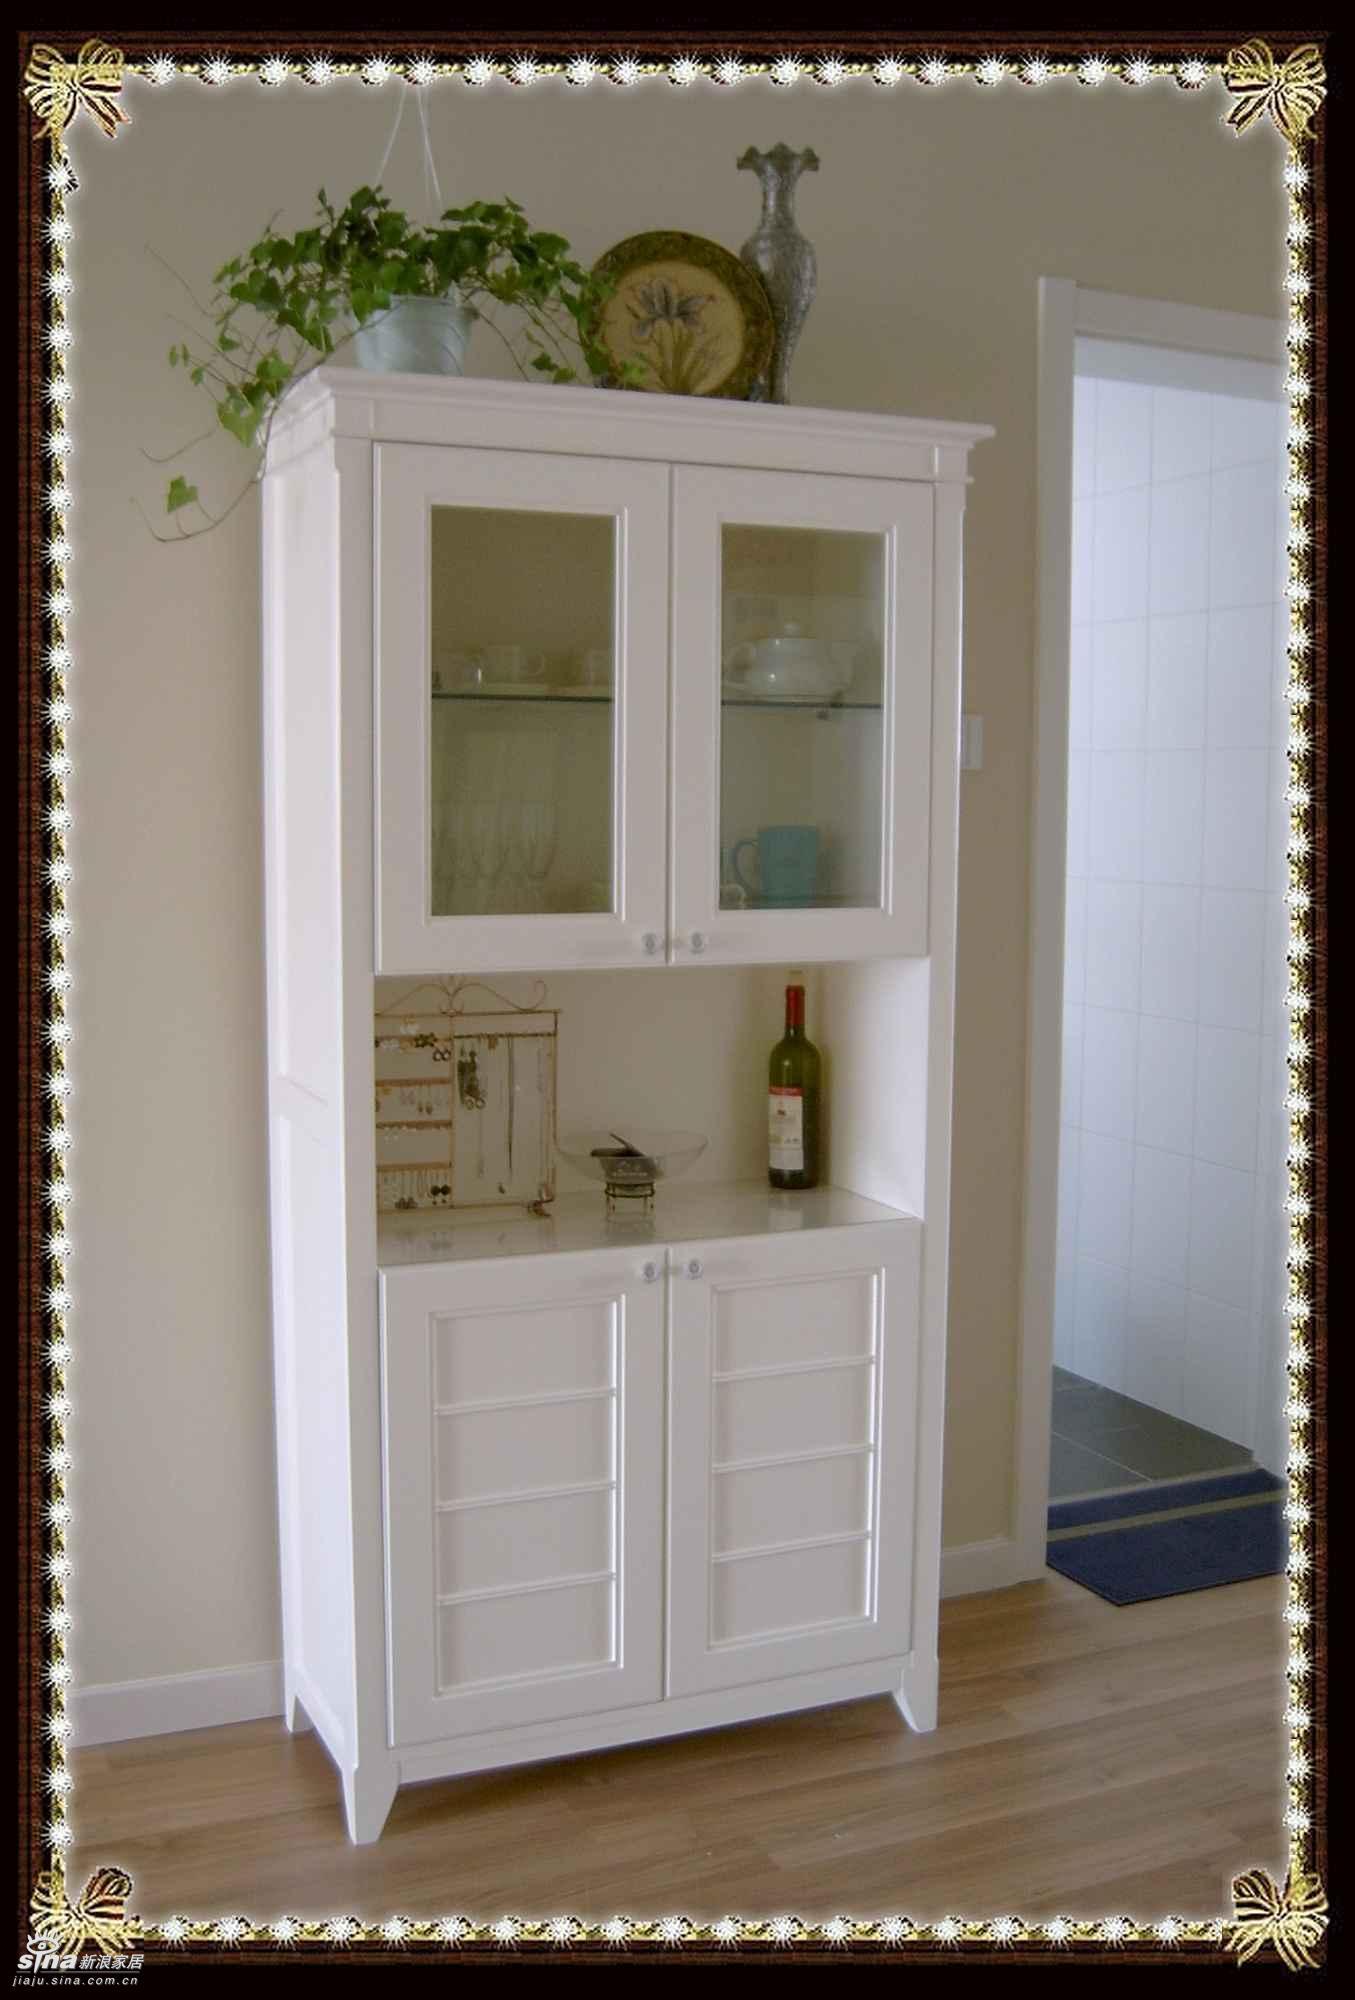 一进大门正对着的是餐边柜,香奈儿家没有玄关,进门就是门厅,高清图片